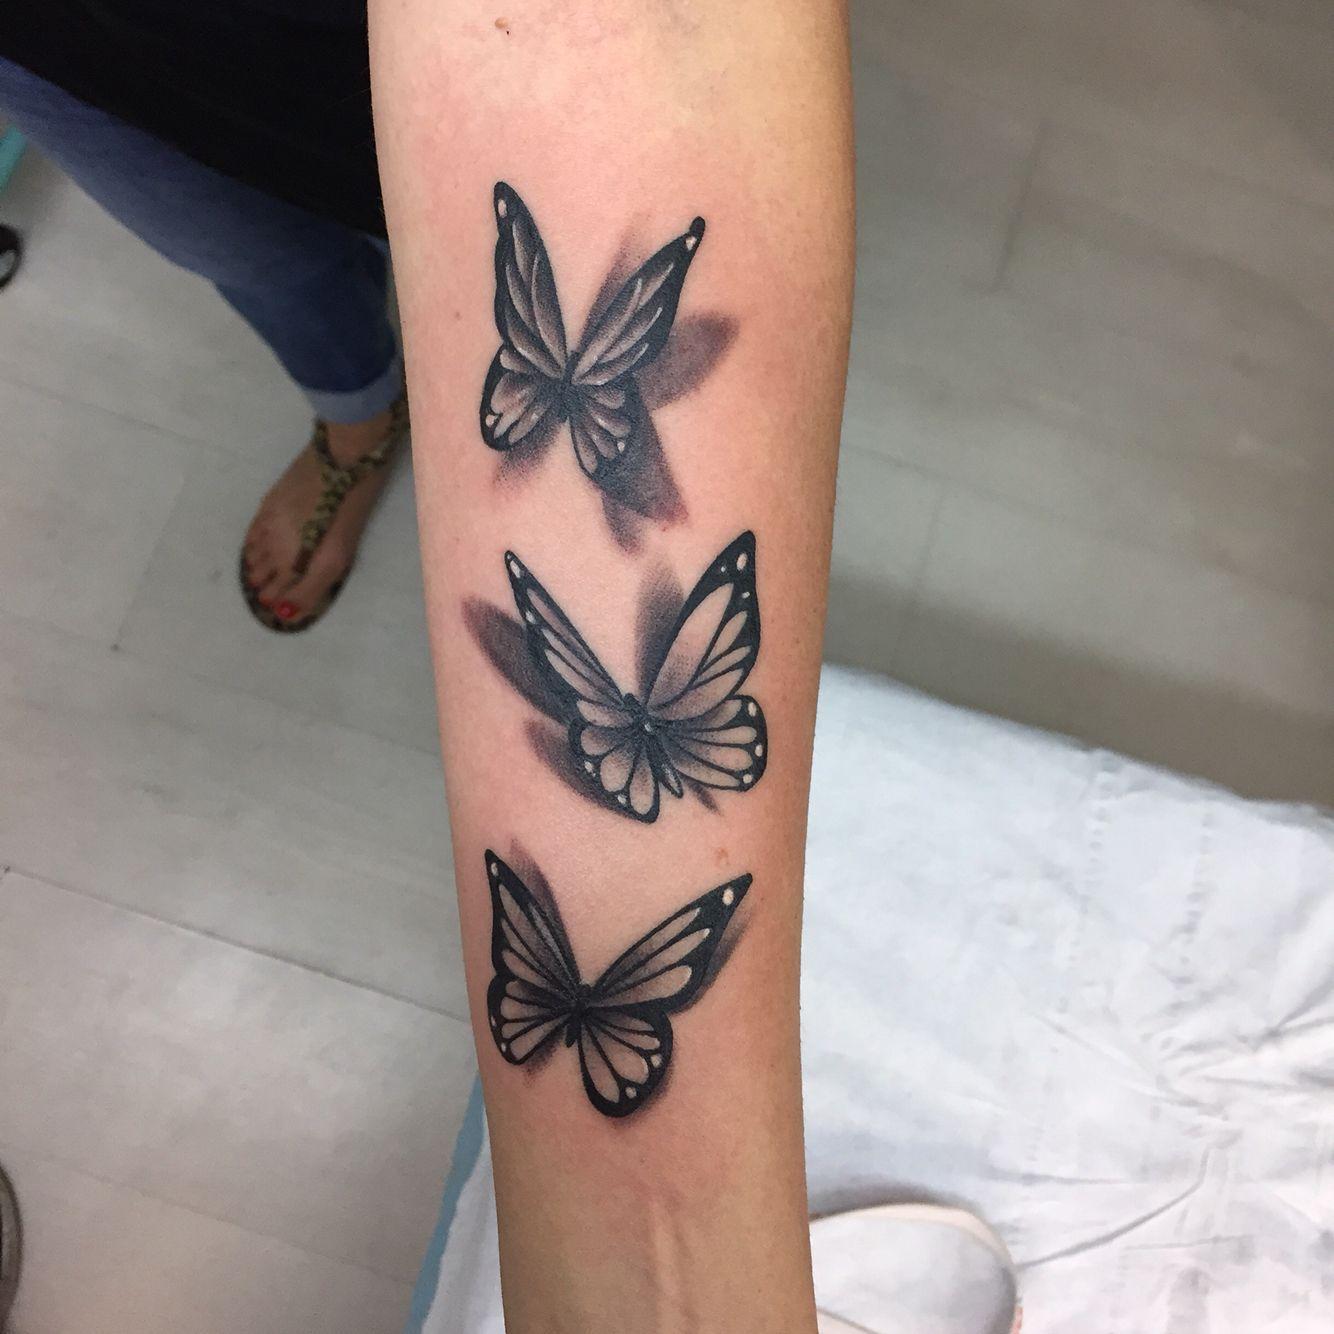 3D Schmetterling Tattoo, neu !! ich liebe es - Famous Last Words